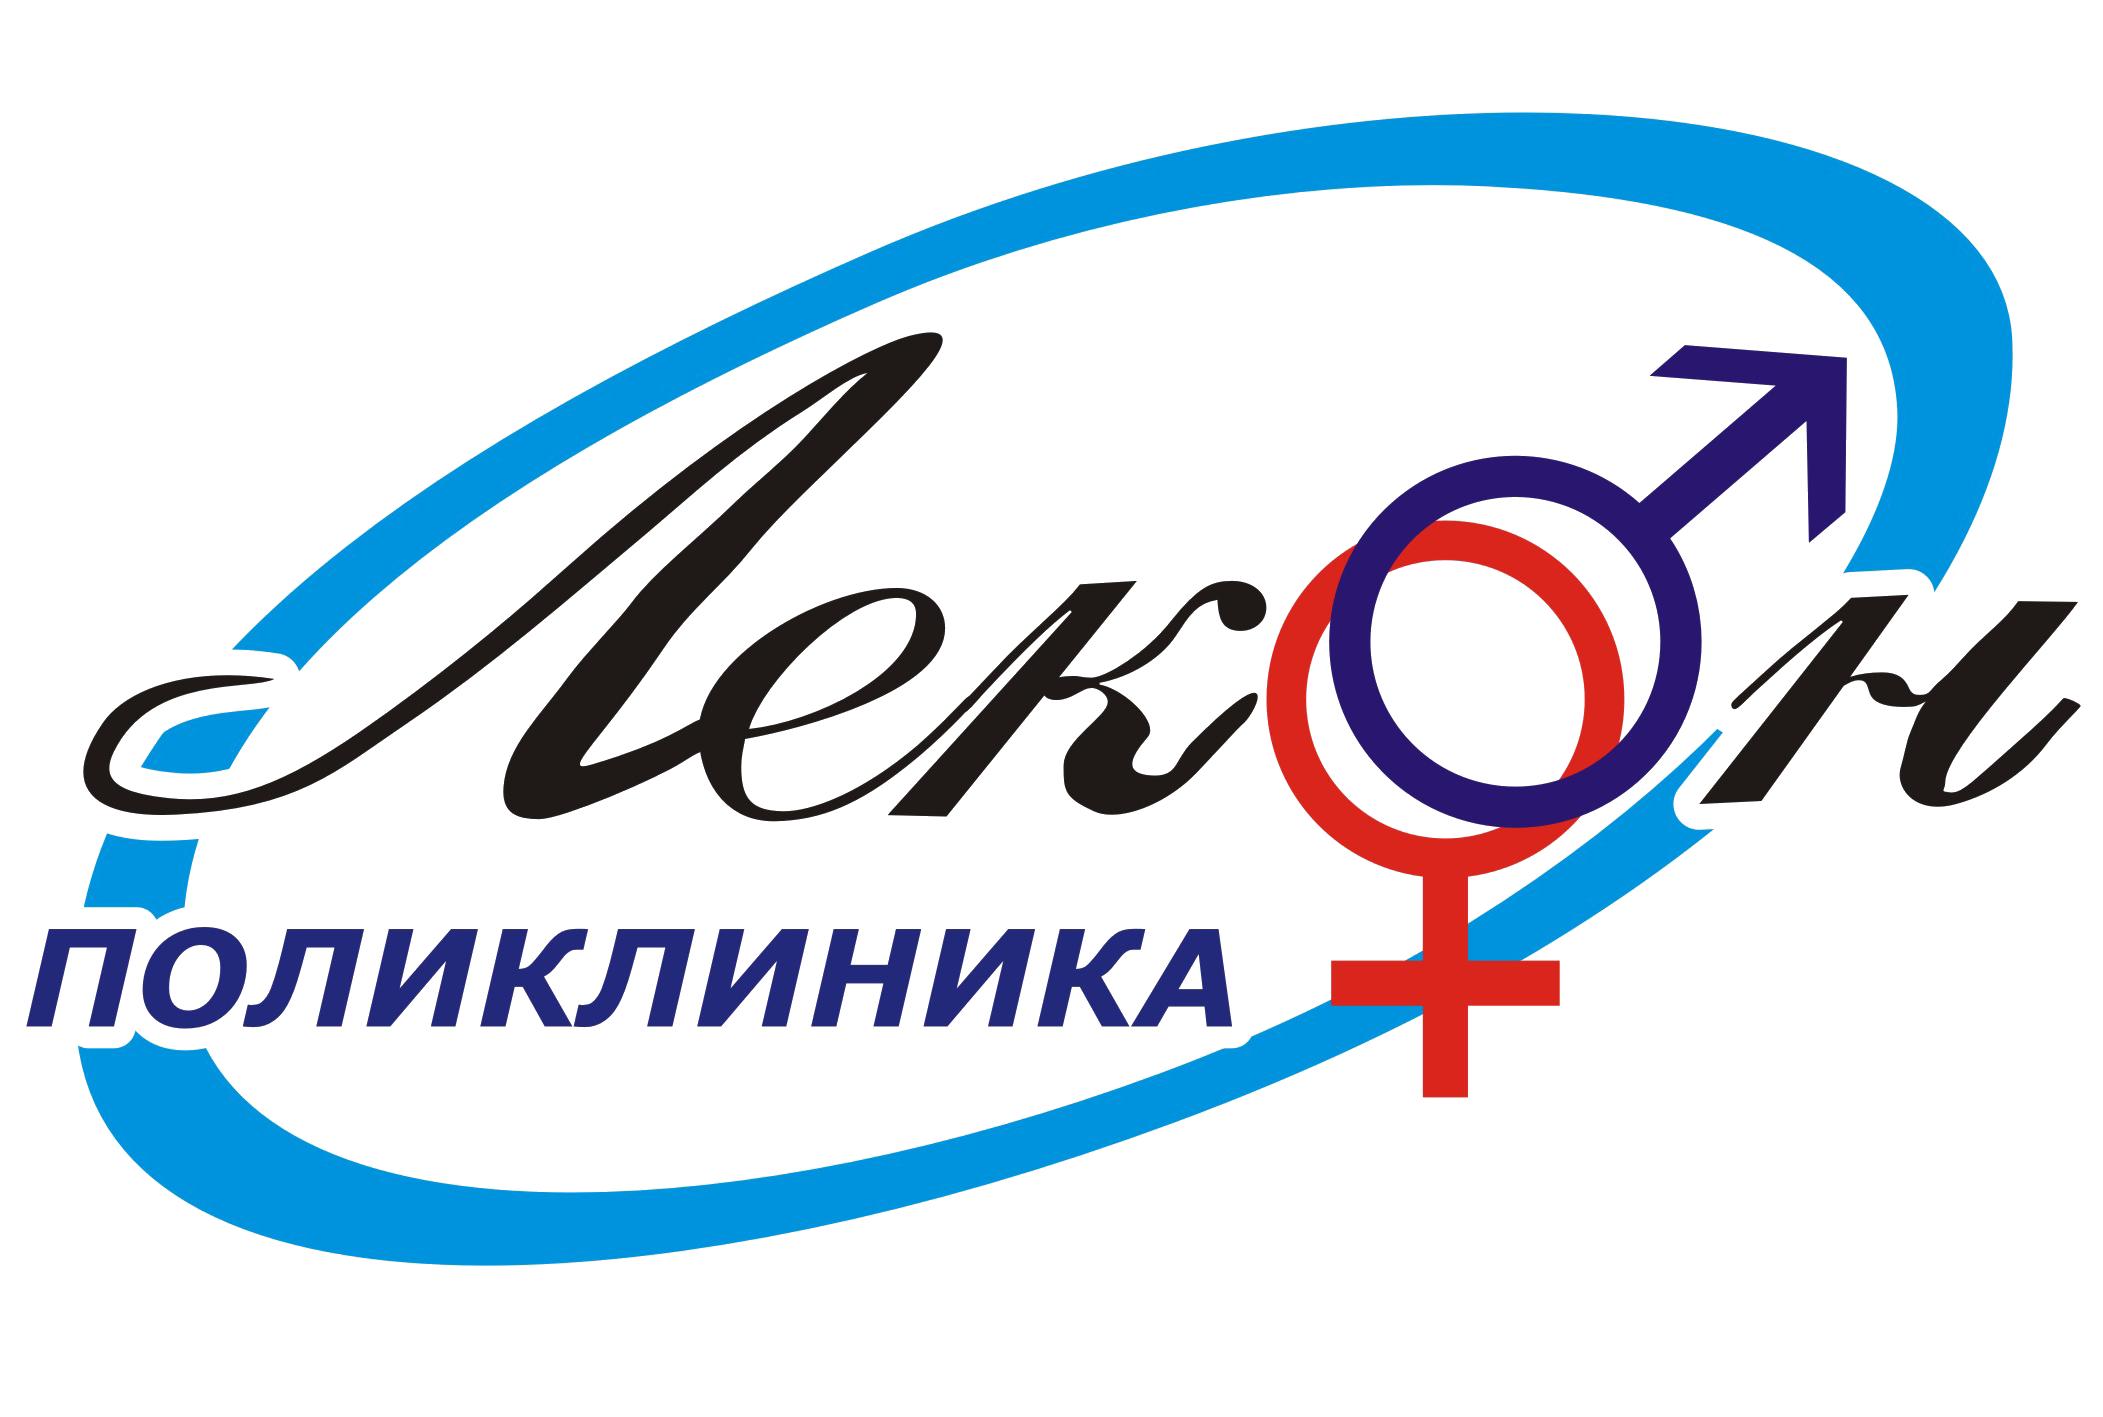 Ветеринарная клиника в москве марьино